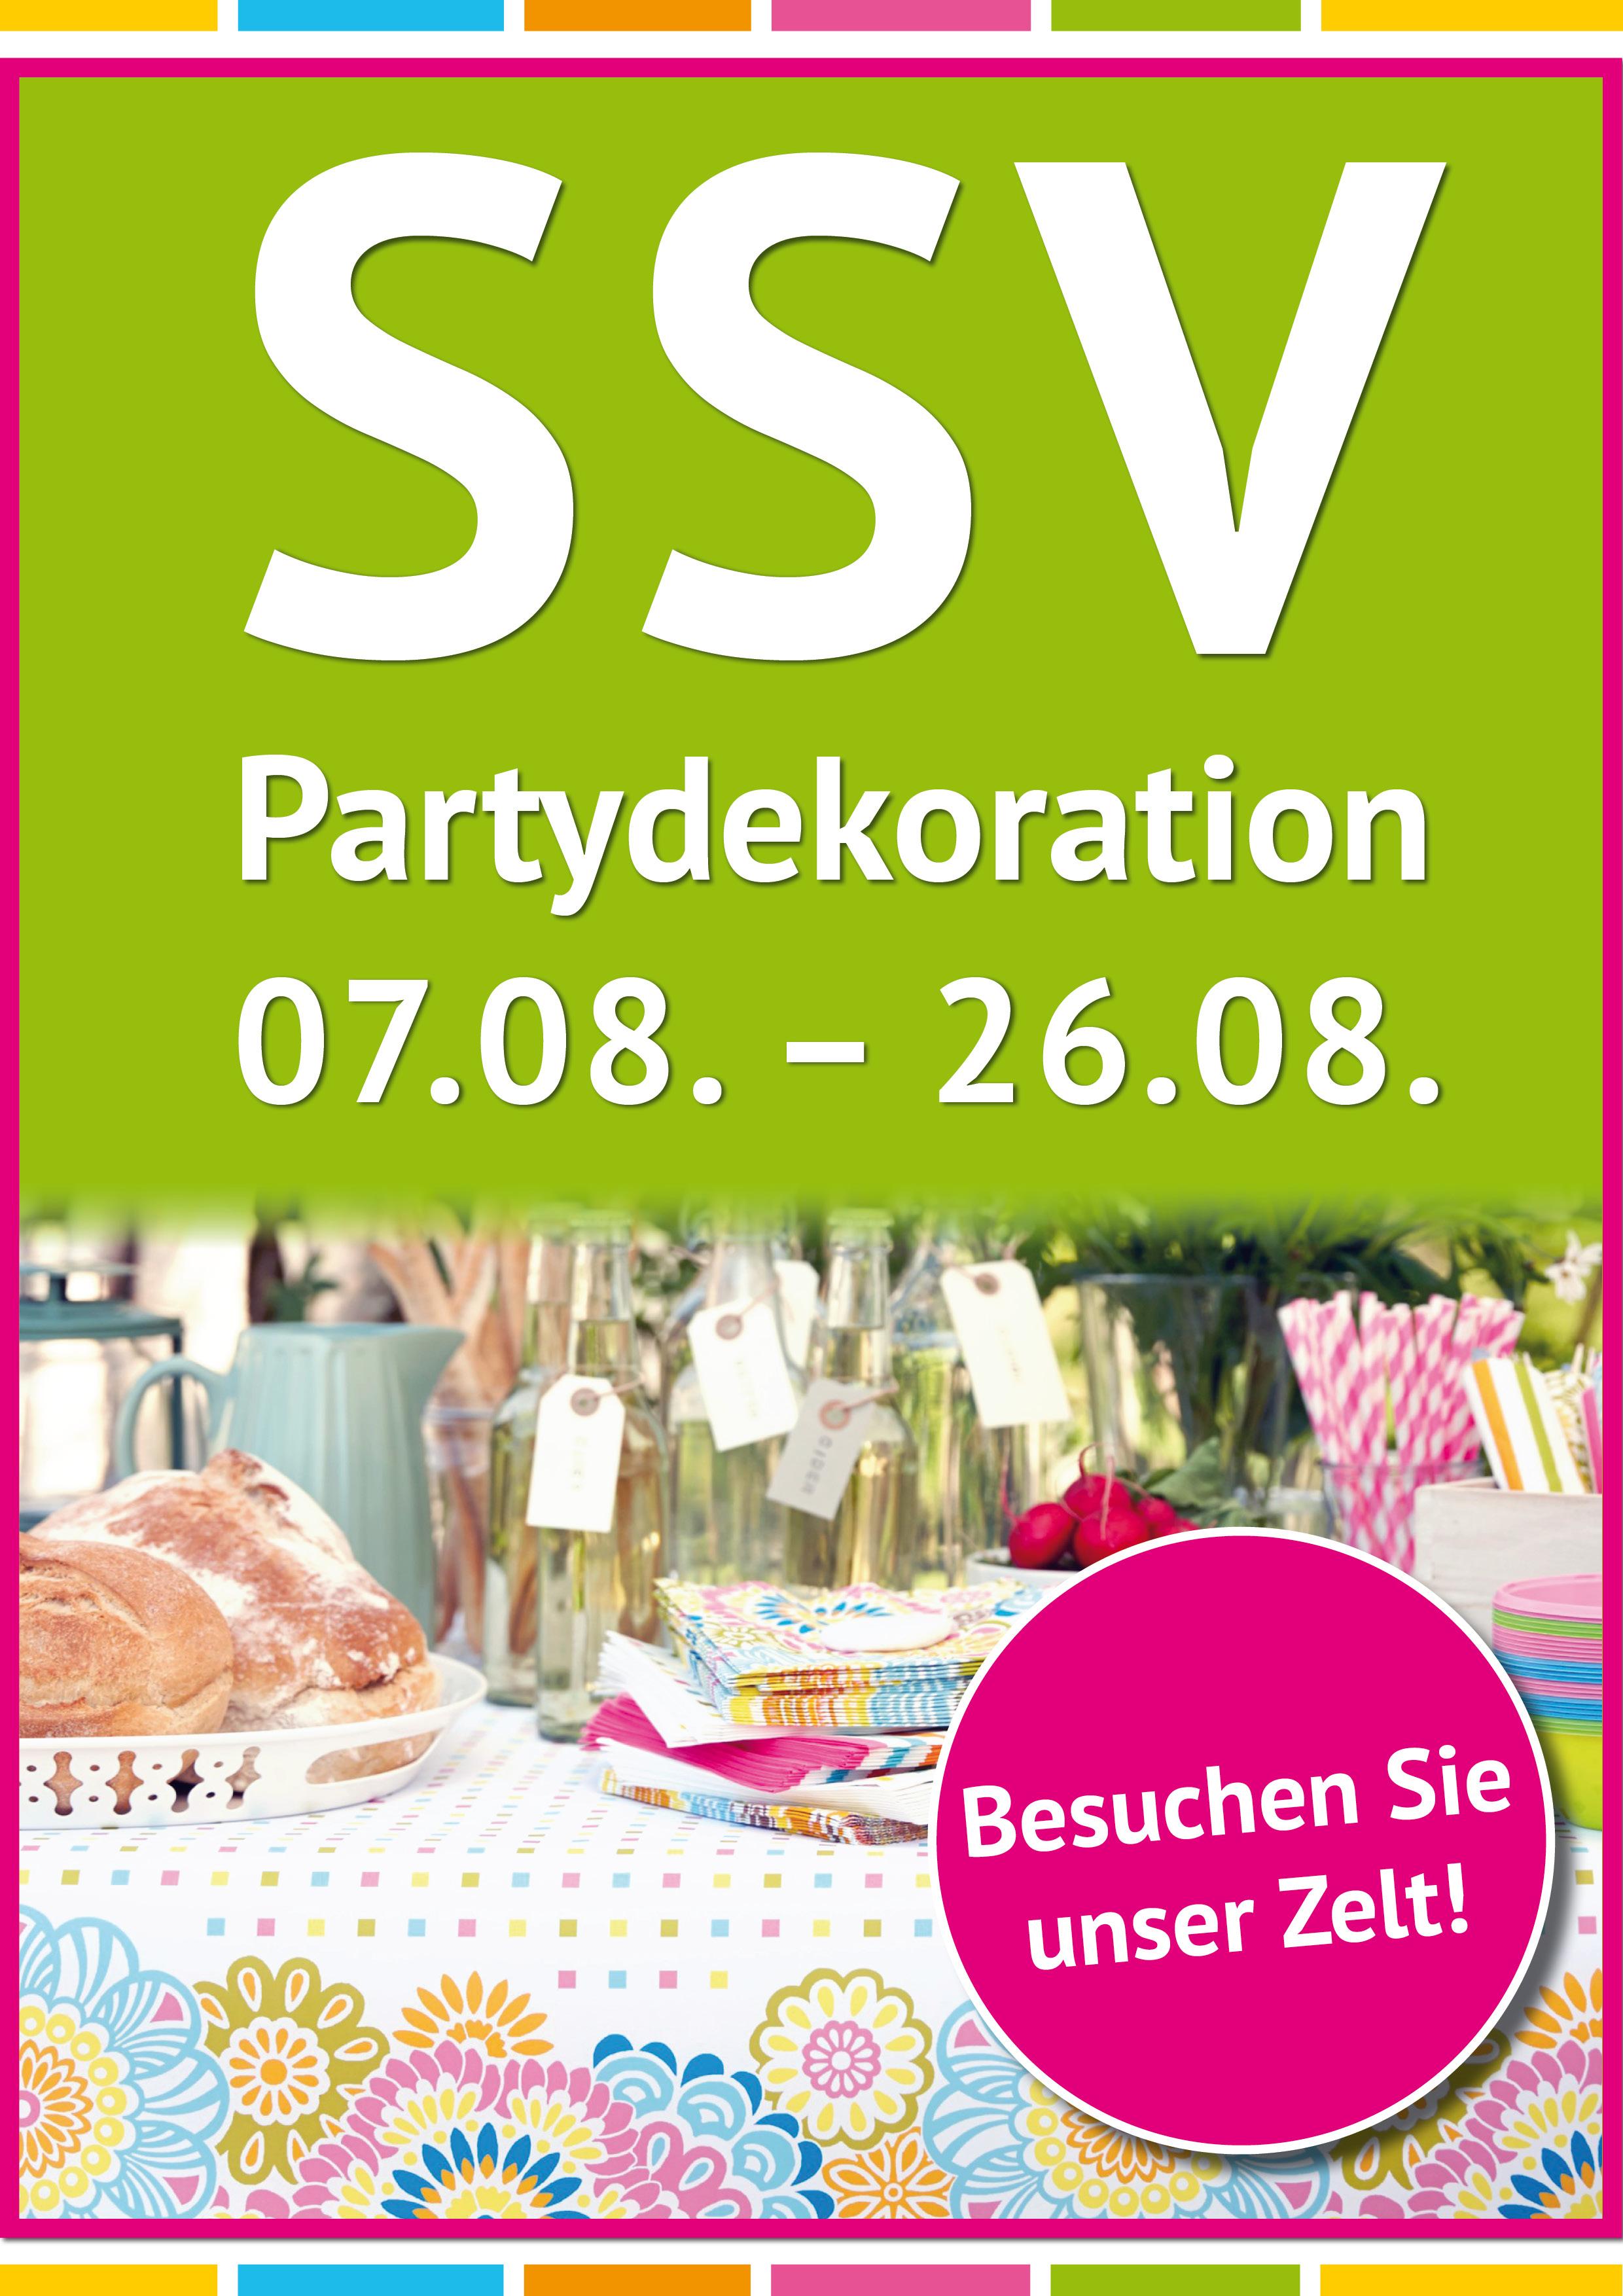 Party, Dekoration, Deko, Feiern, Hochzeit, Geburtstag, Sommer